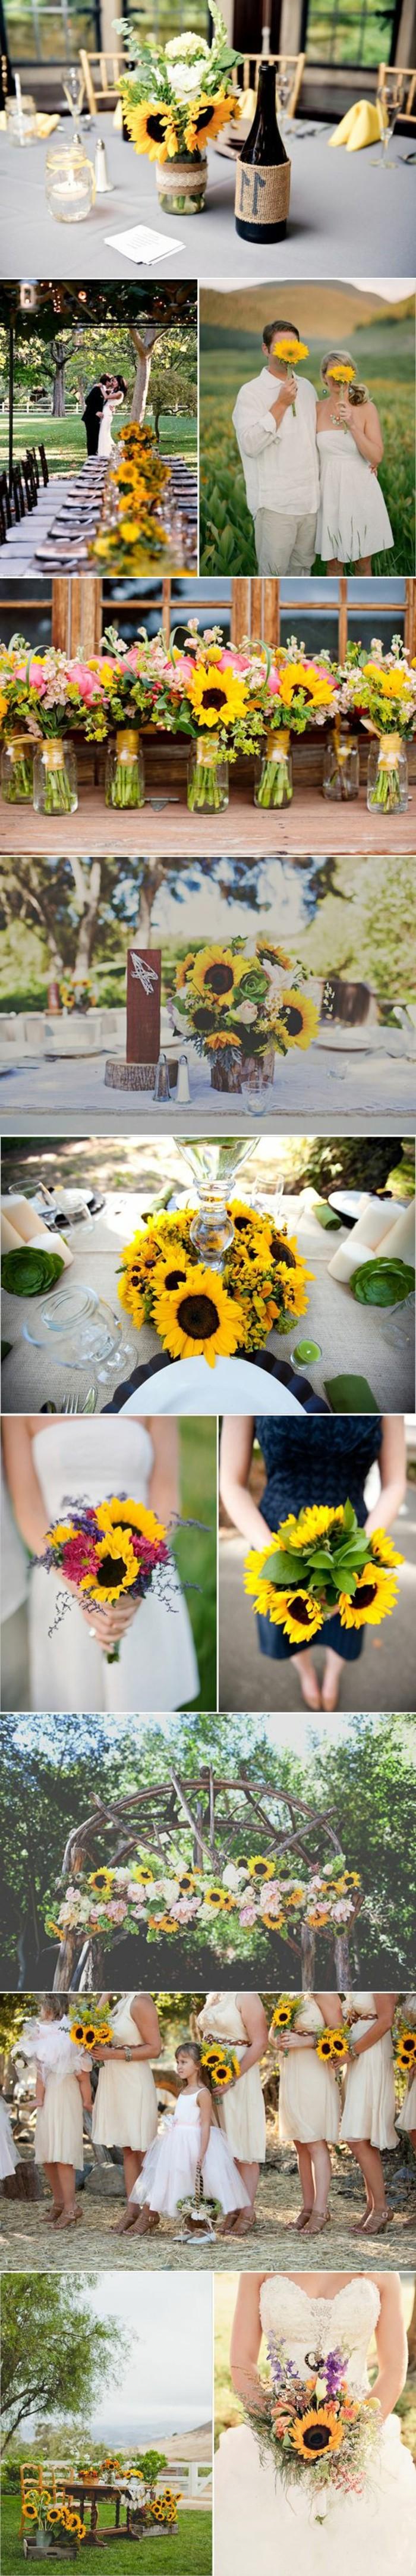 0-decoration-salle-de-mariage-avec-des-tournesols-jaunes-deco-table-champetre-mariage